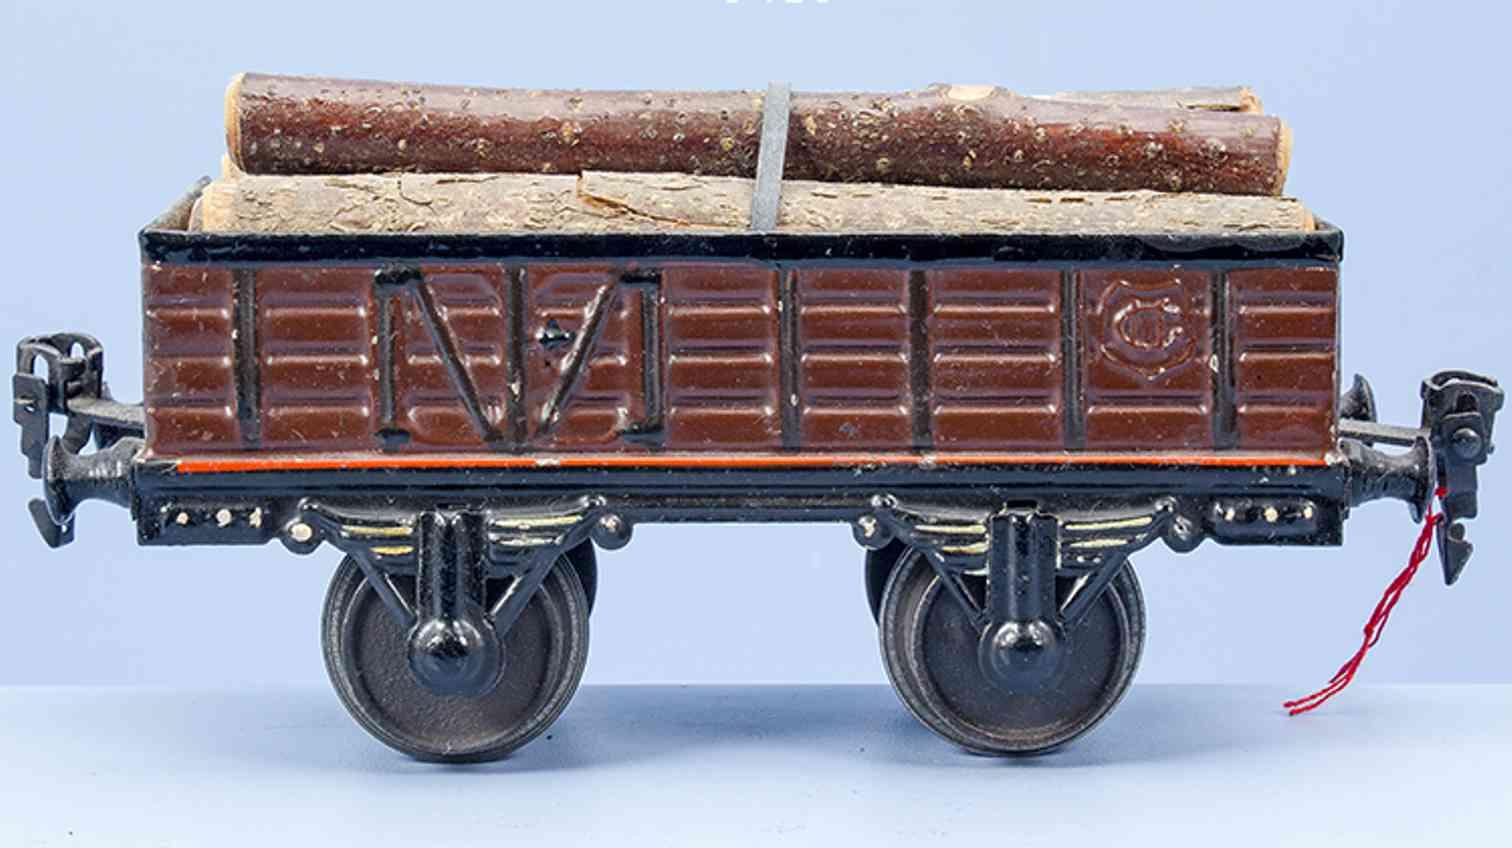 maerklin 1819/1 spielzeug eisenbahn hochbordwagen stammholz spur 1